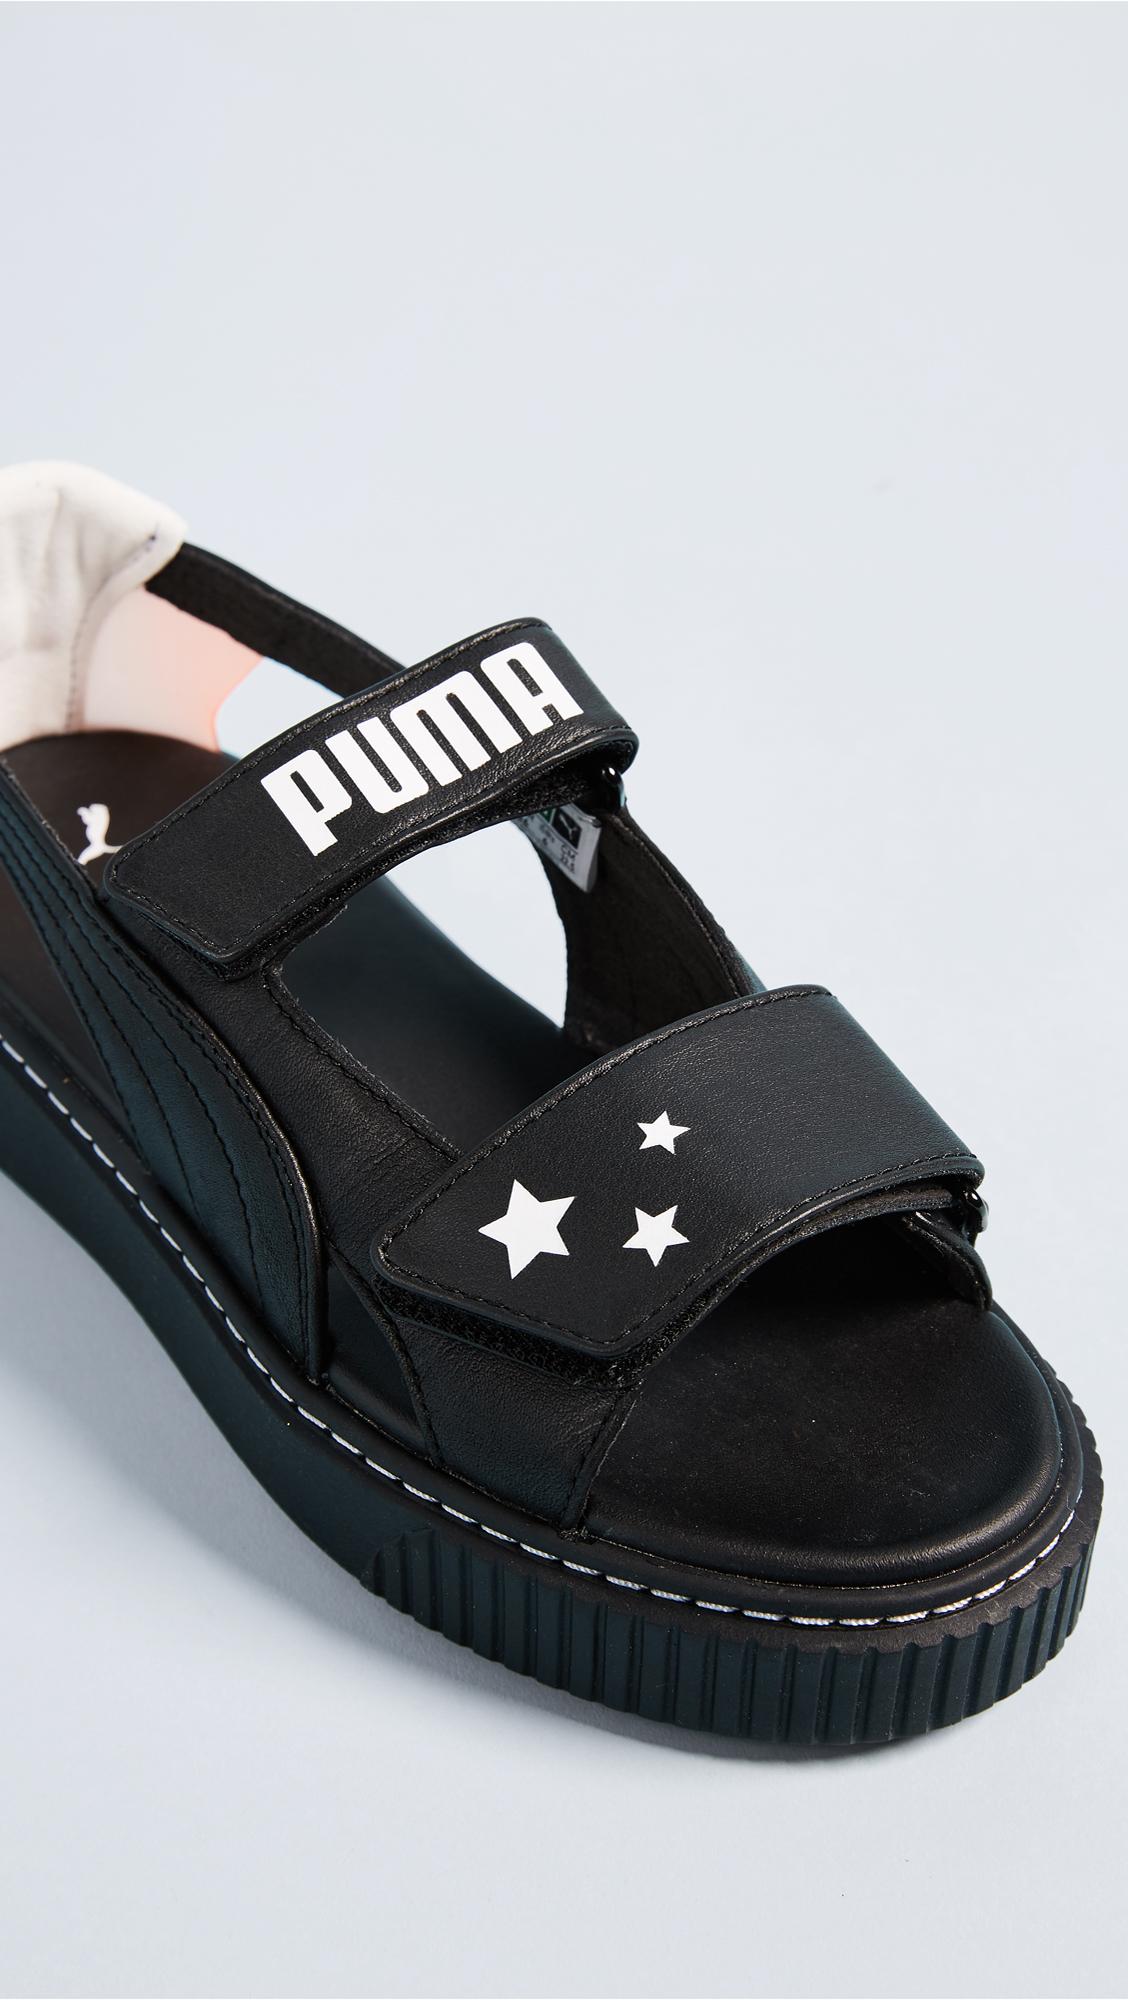 1e24d80406f7 PUMA x SOPHIA WEBSTER Platform Sandals